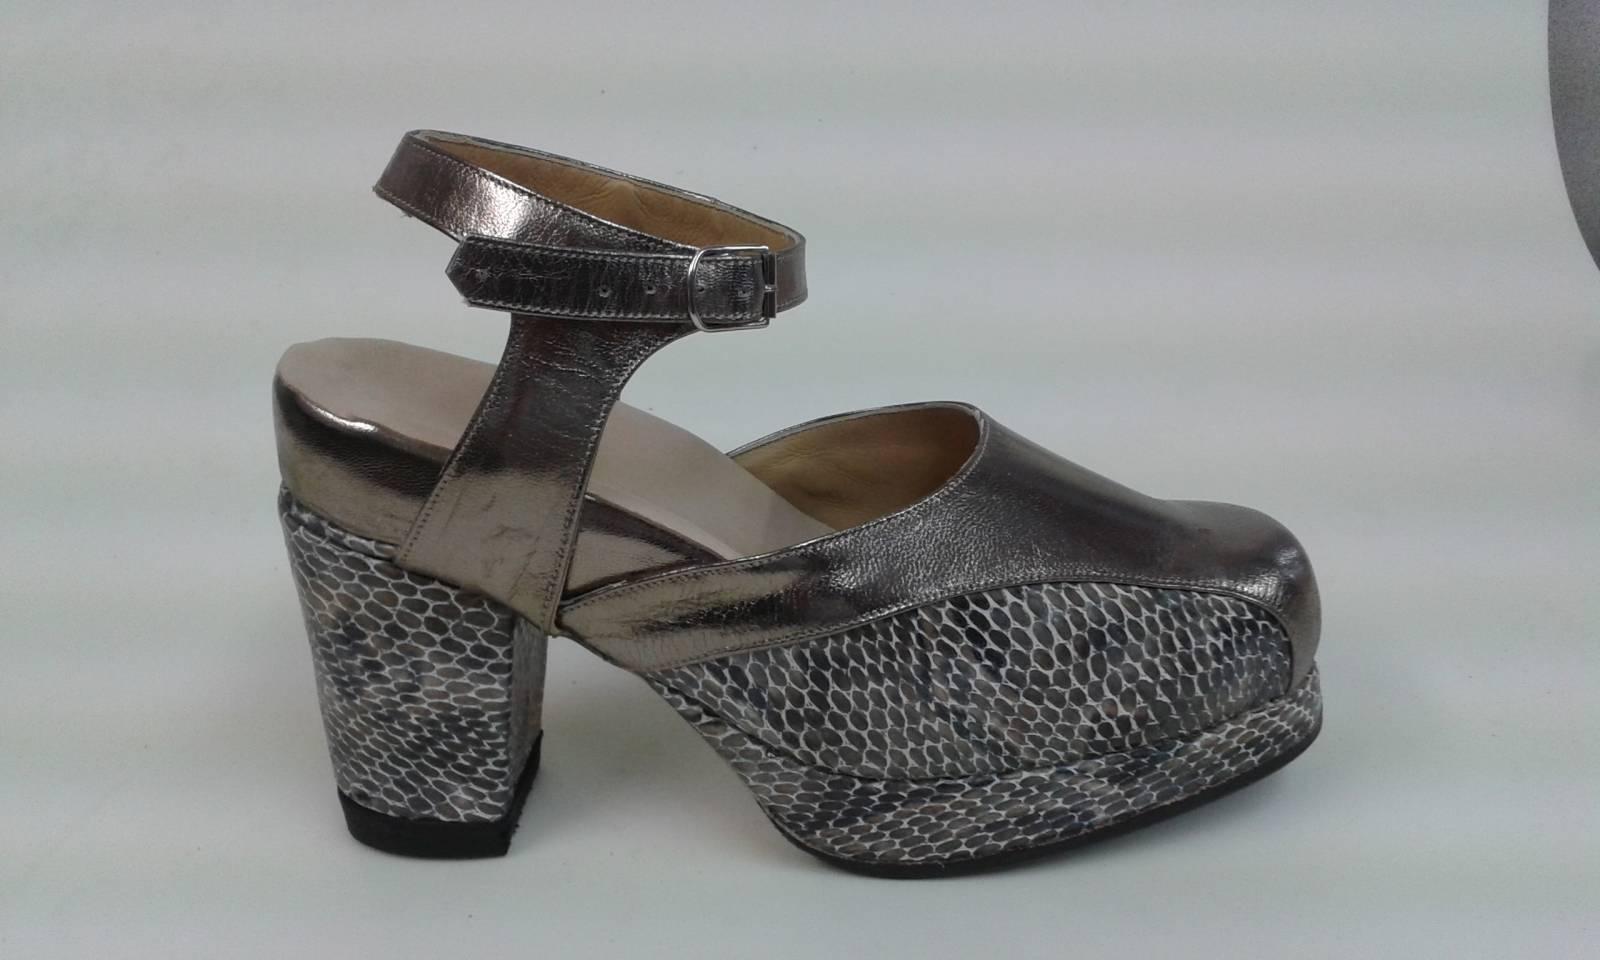 Chaussures orthopédiques sur mesure à Aix en Provence